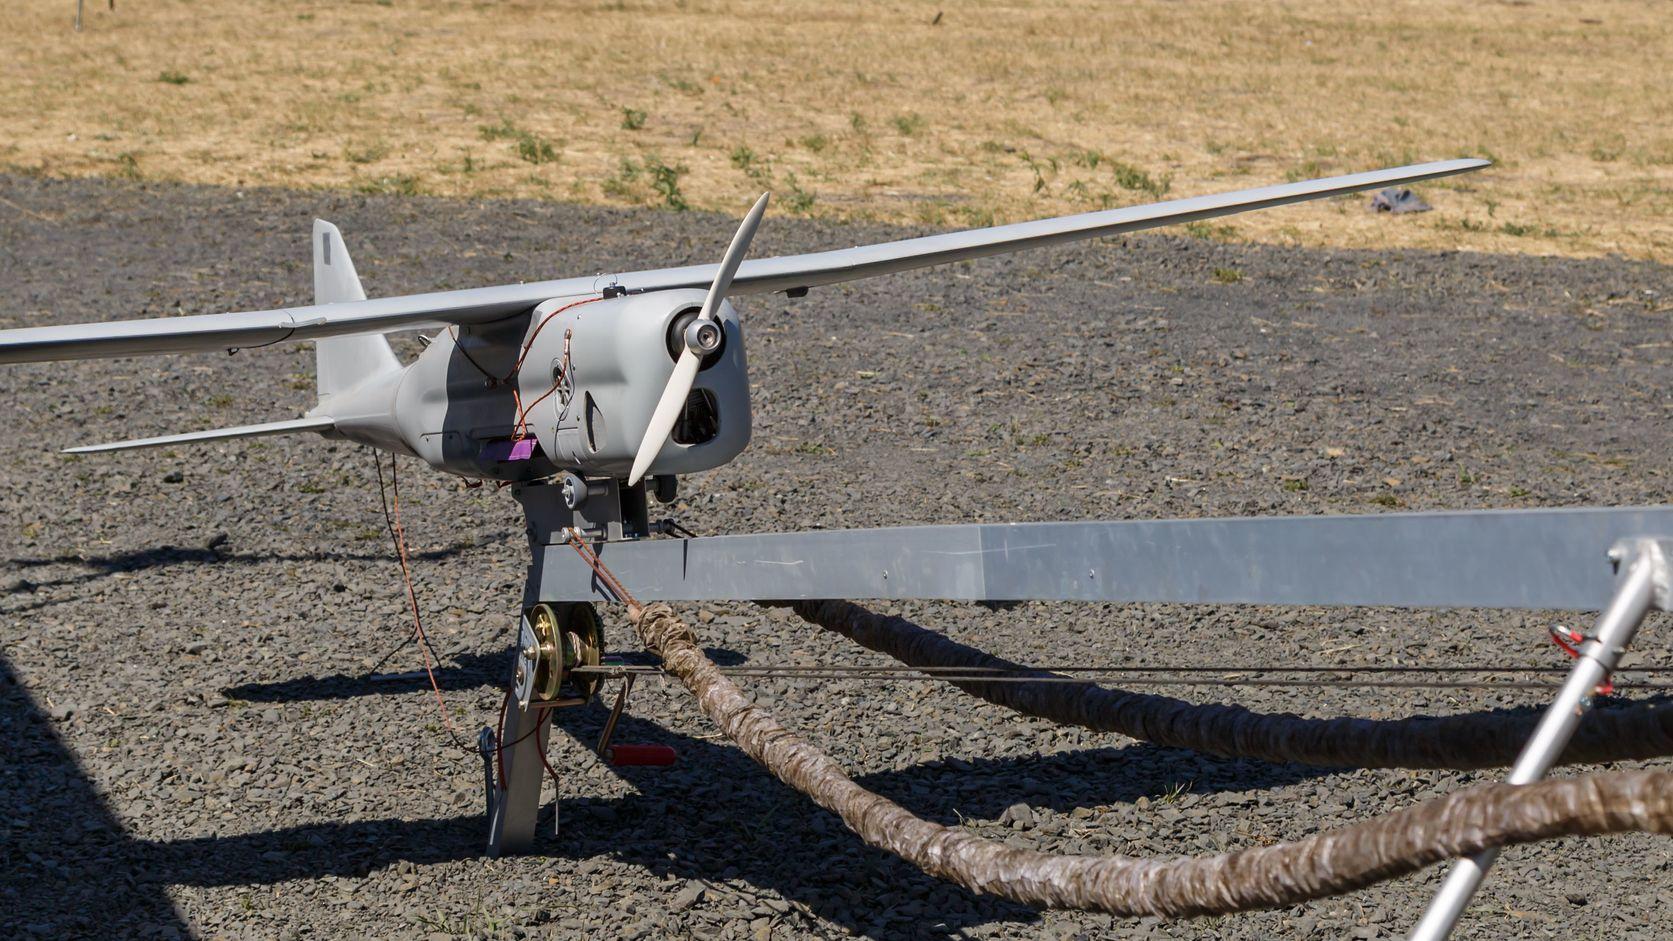 A képen egy ORLAN-10 típusú orosz katonai drón látható (Fotó: Shutterstock/ovbelov)